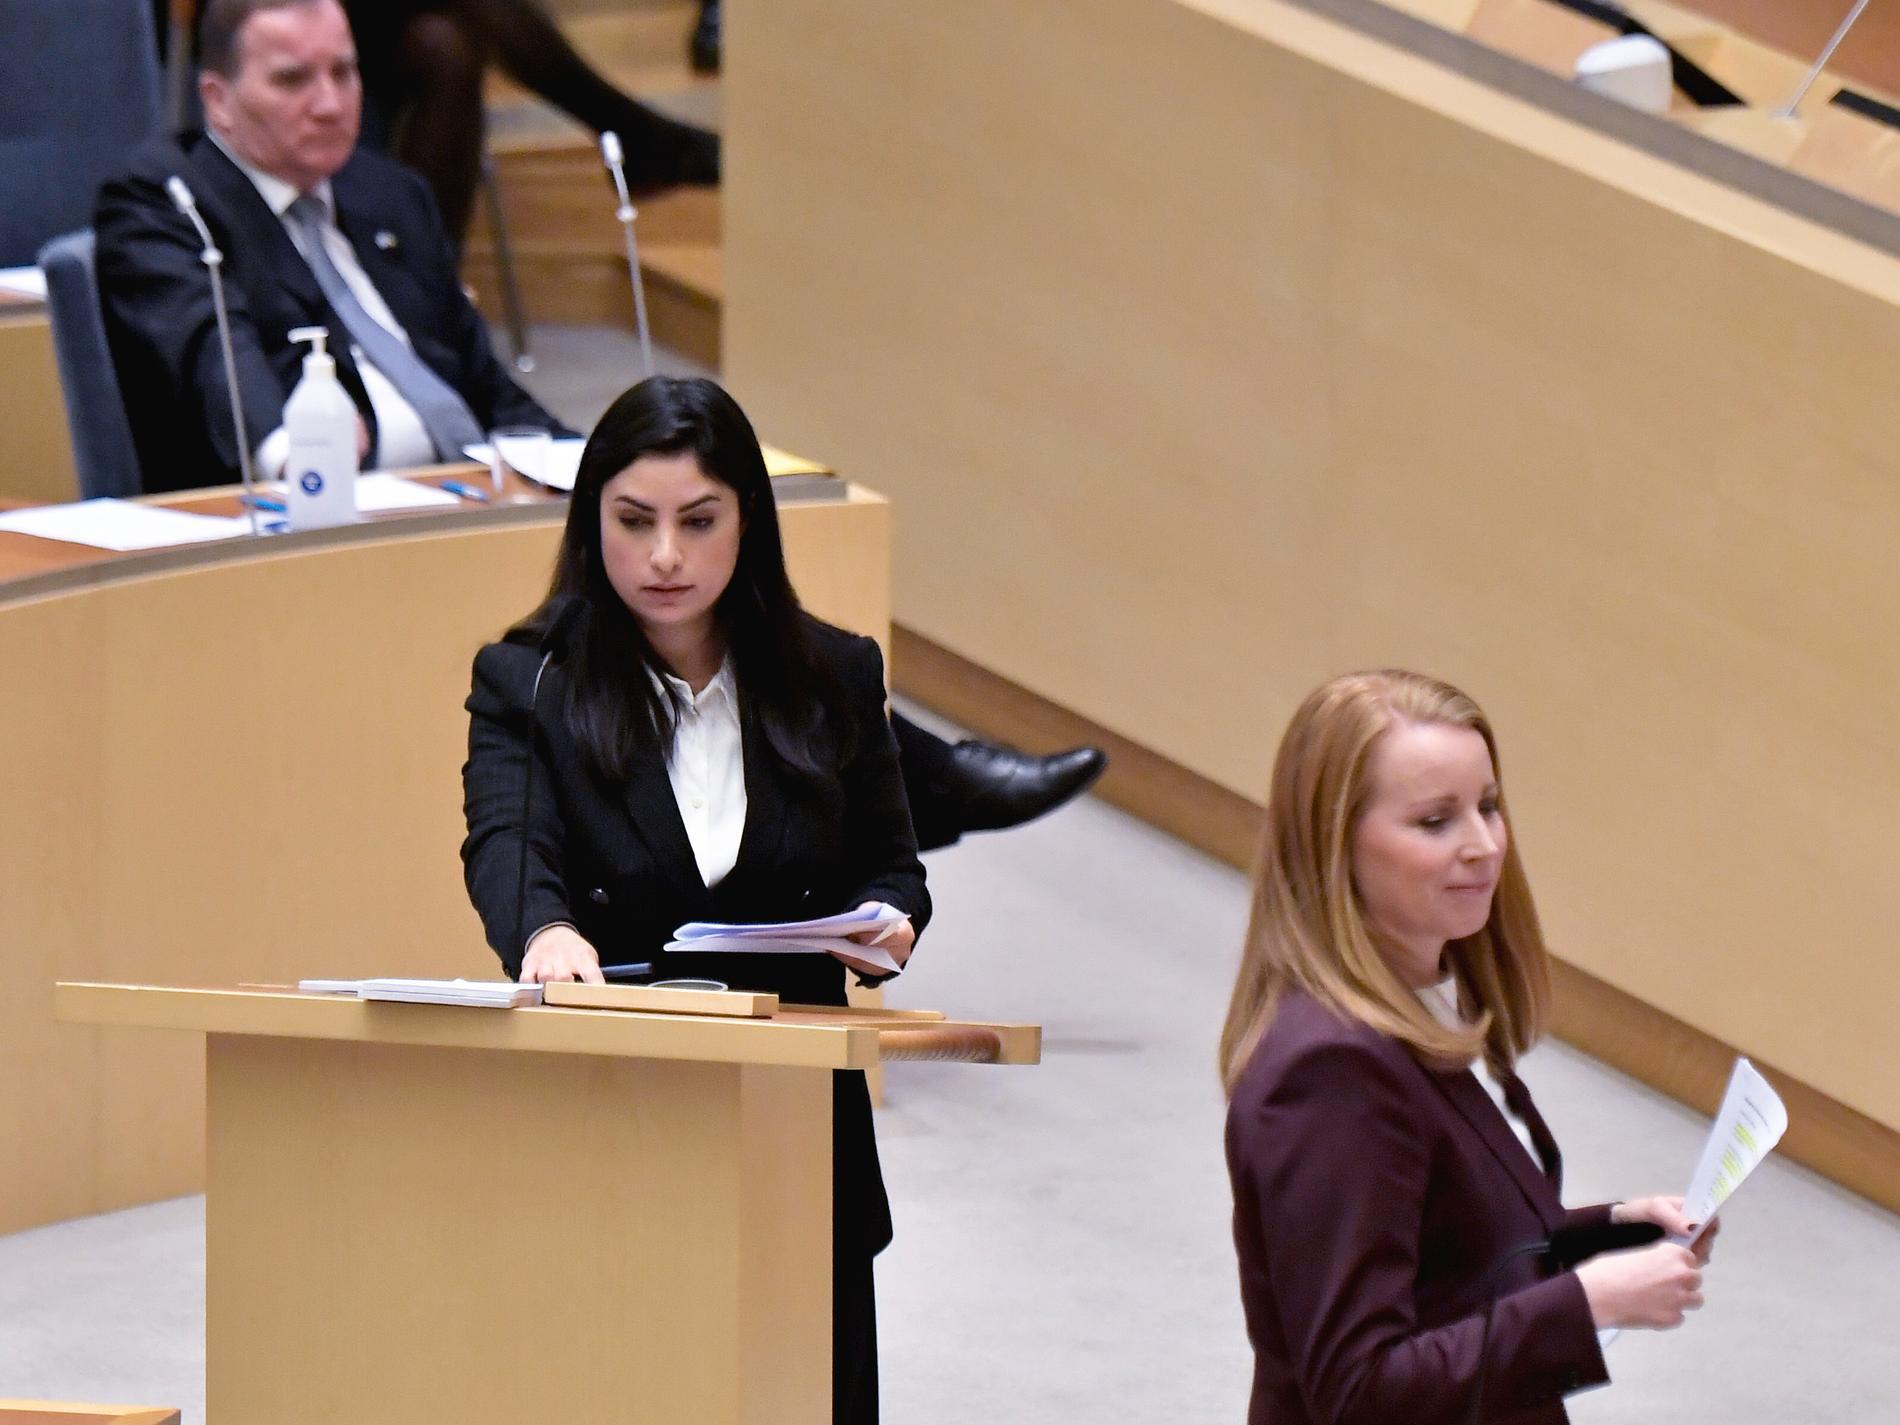 Vänsterpartiets partiledare Nooshi Dadgostar (V) och Centerpartiets partiledare Annie Lööf (C) under dagens partiledardebatt i riksdagen.